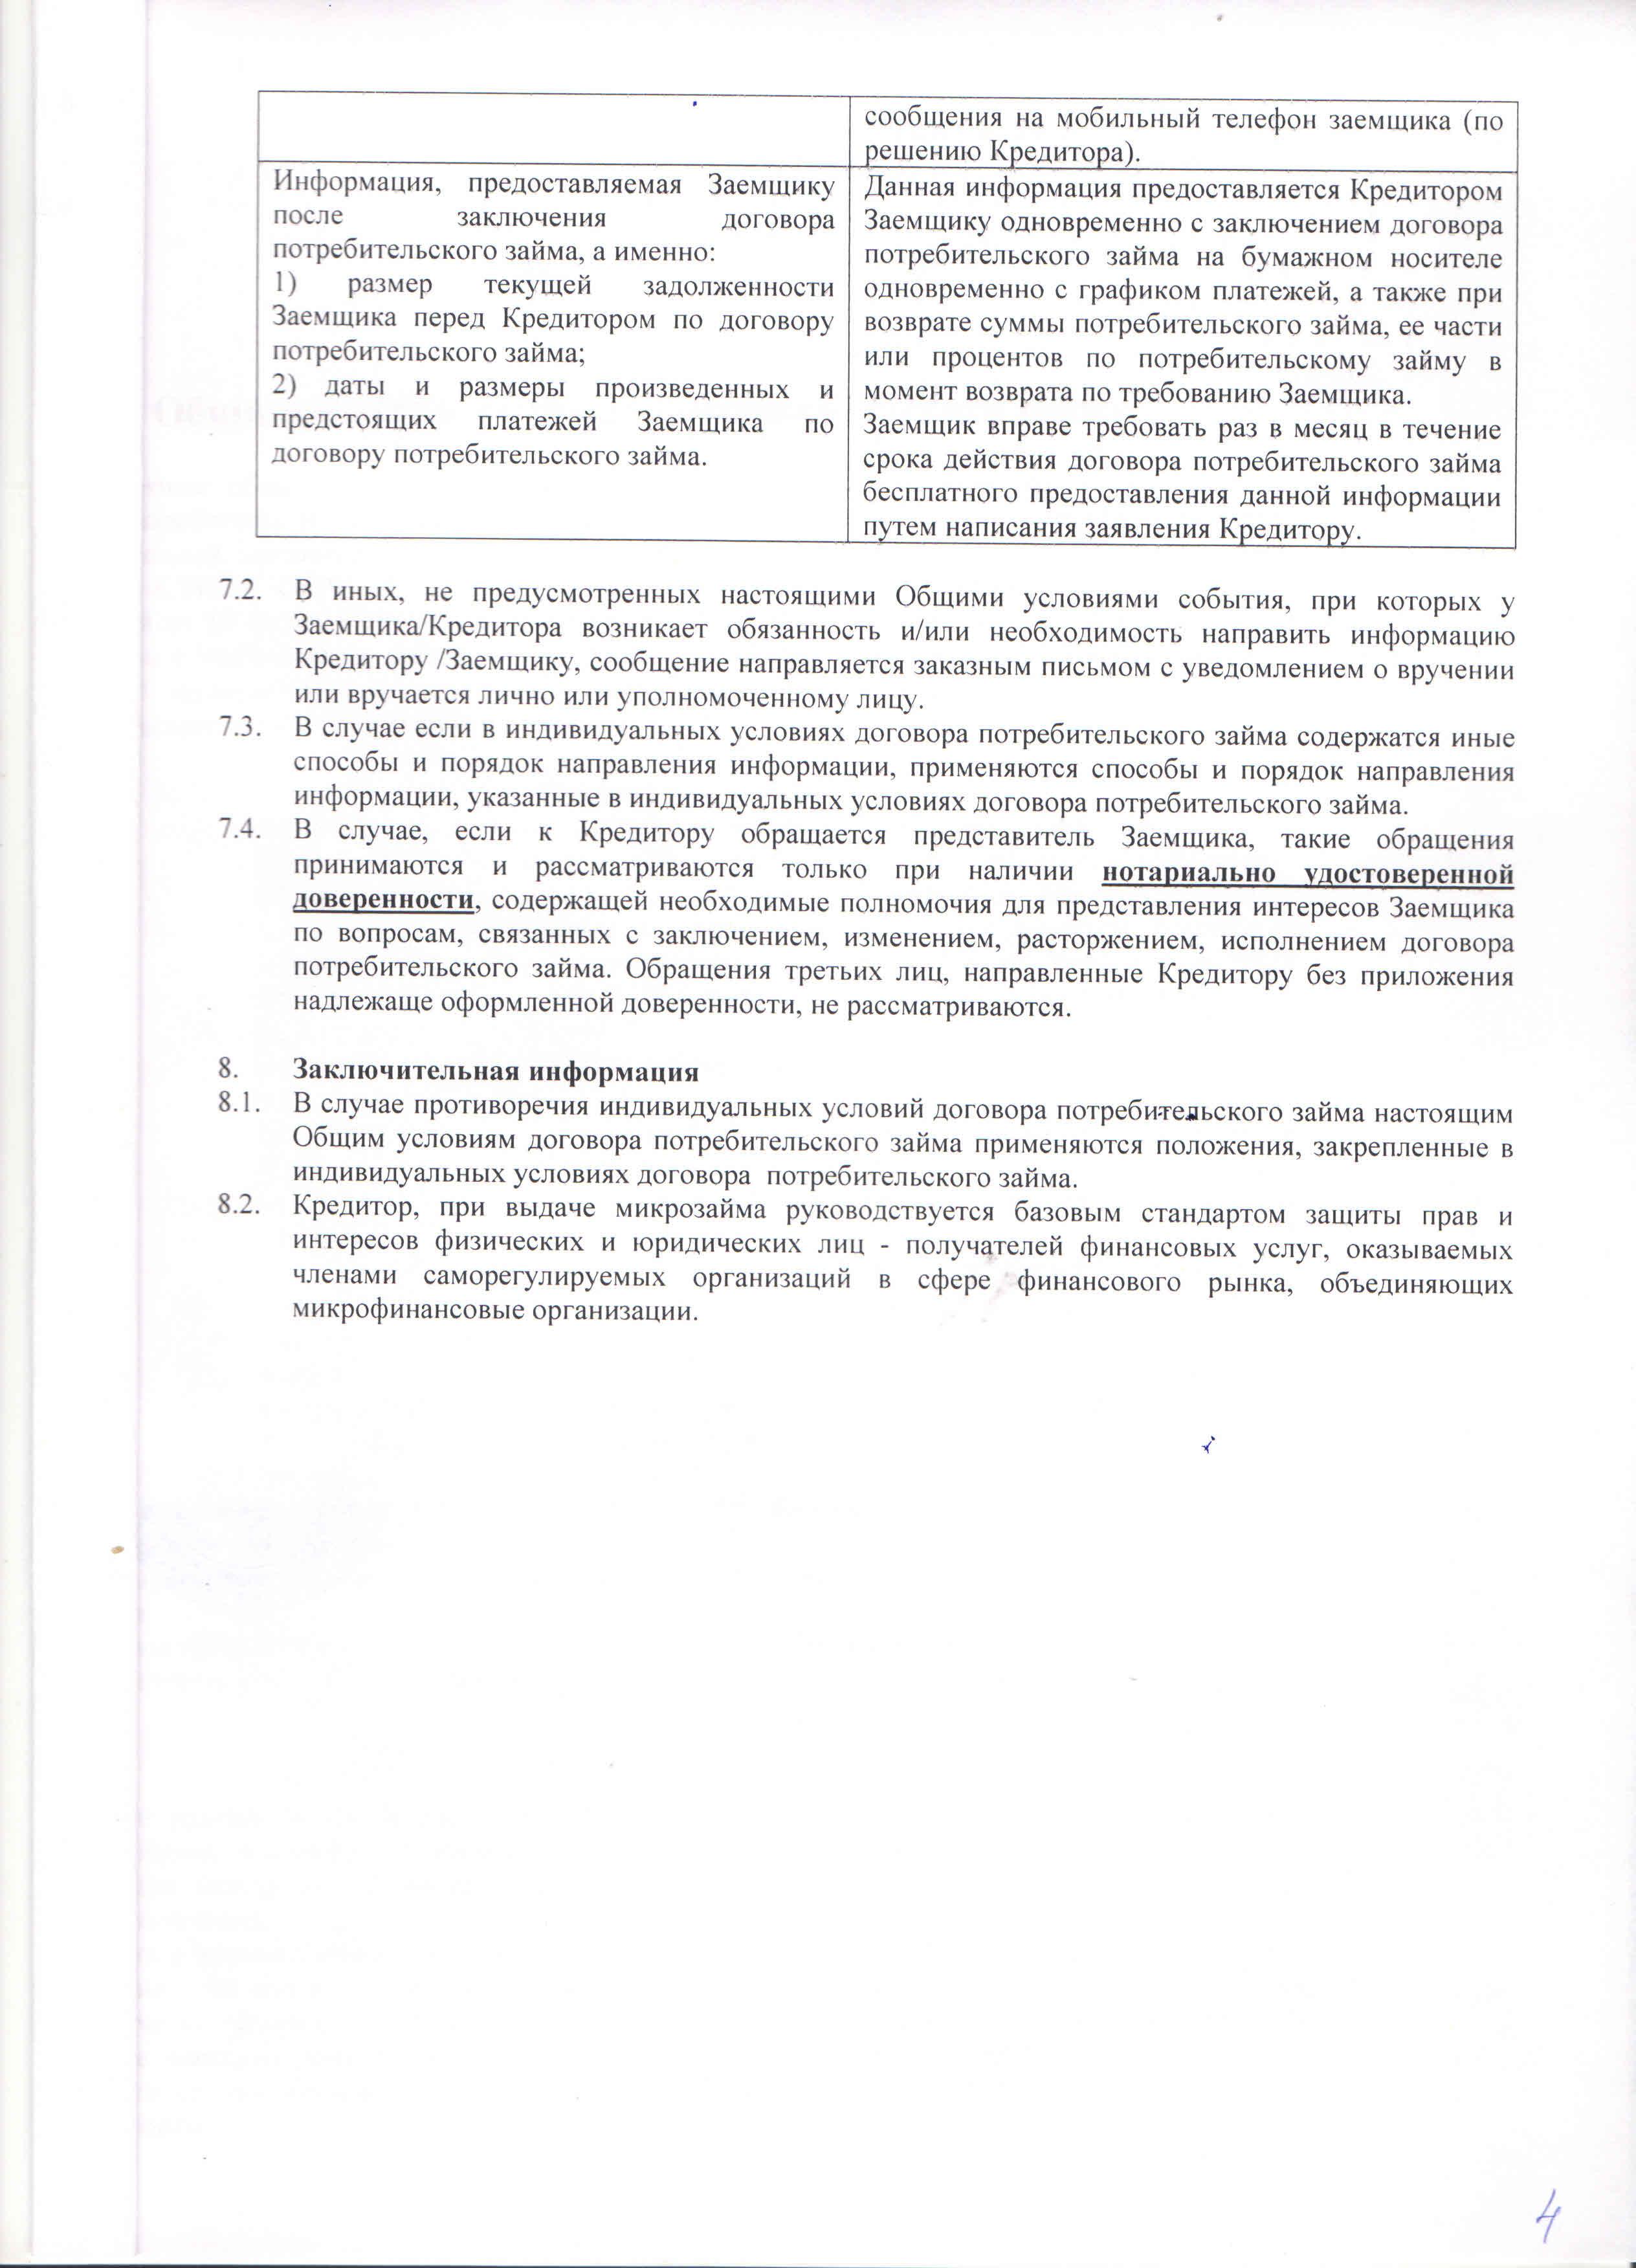 кредит до 5 миллионов рублей без залога и поручителей